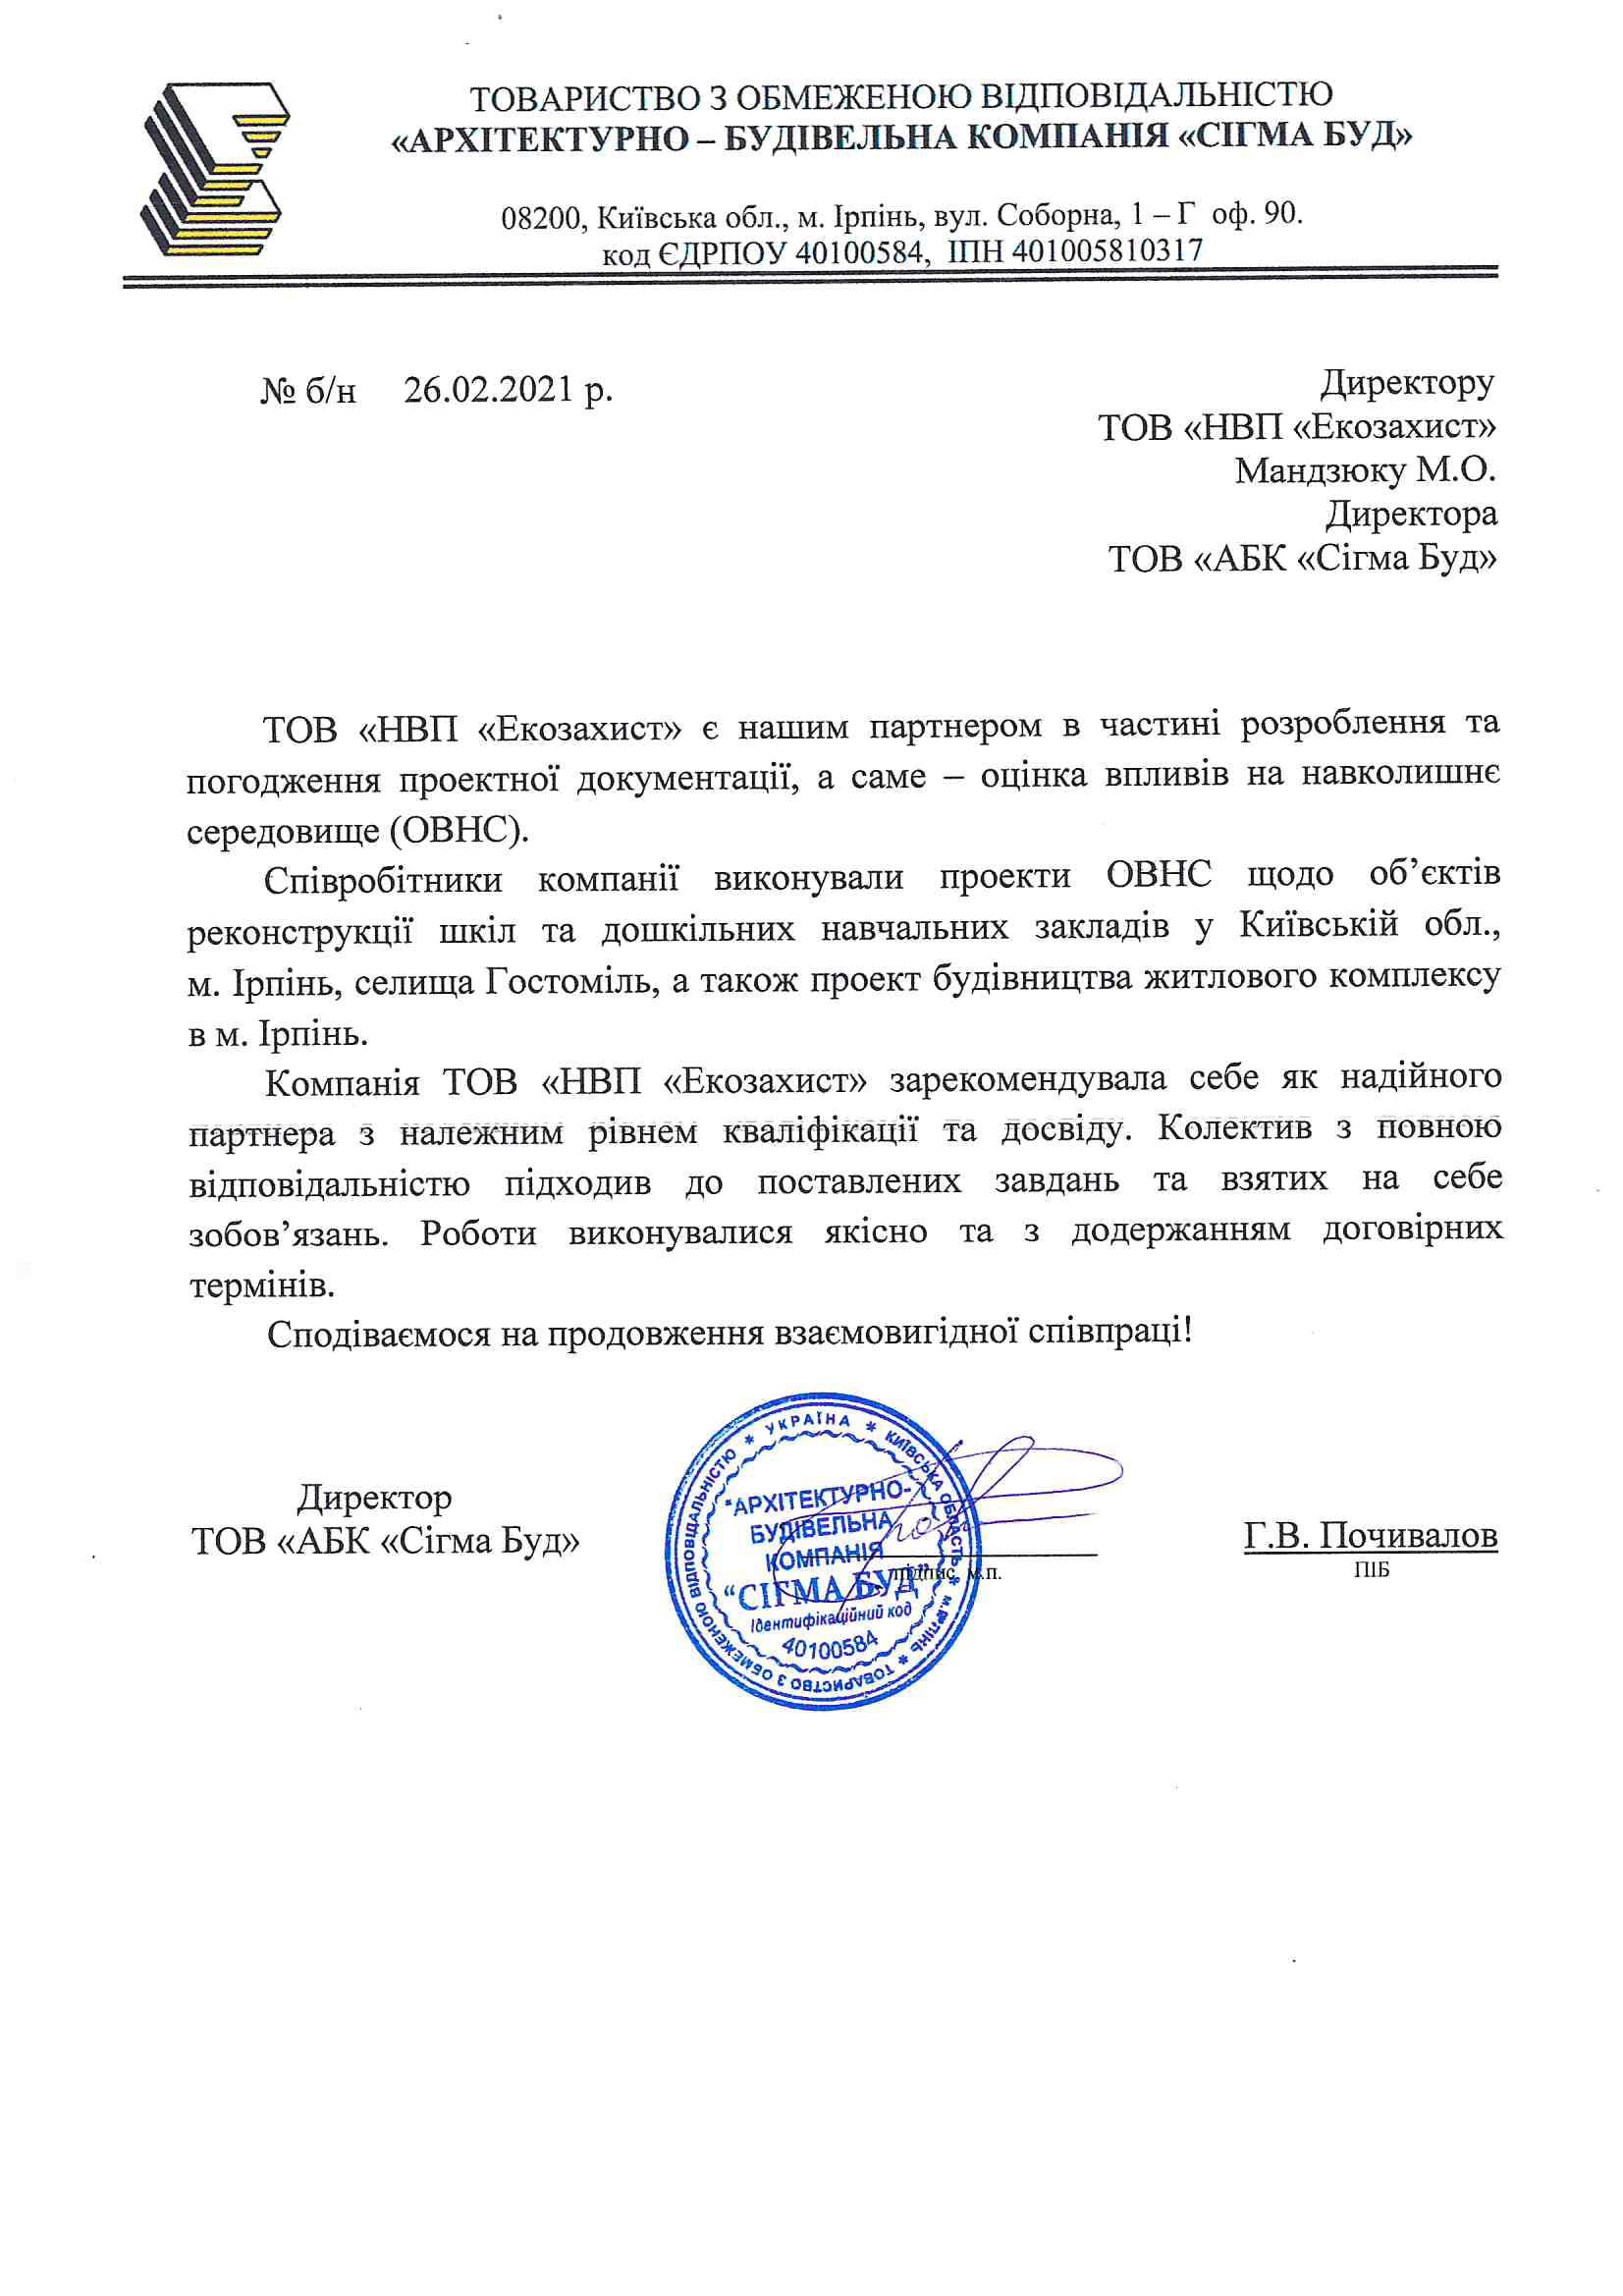 """Директор ООО """"АБК """"Сигма Буд"""" – Почивалов Г.В."""